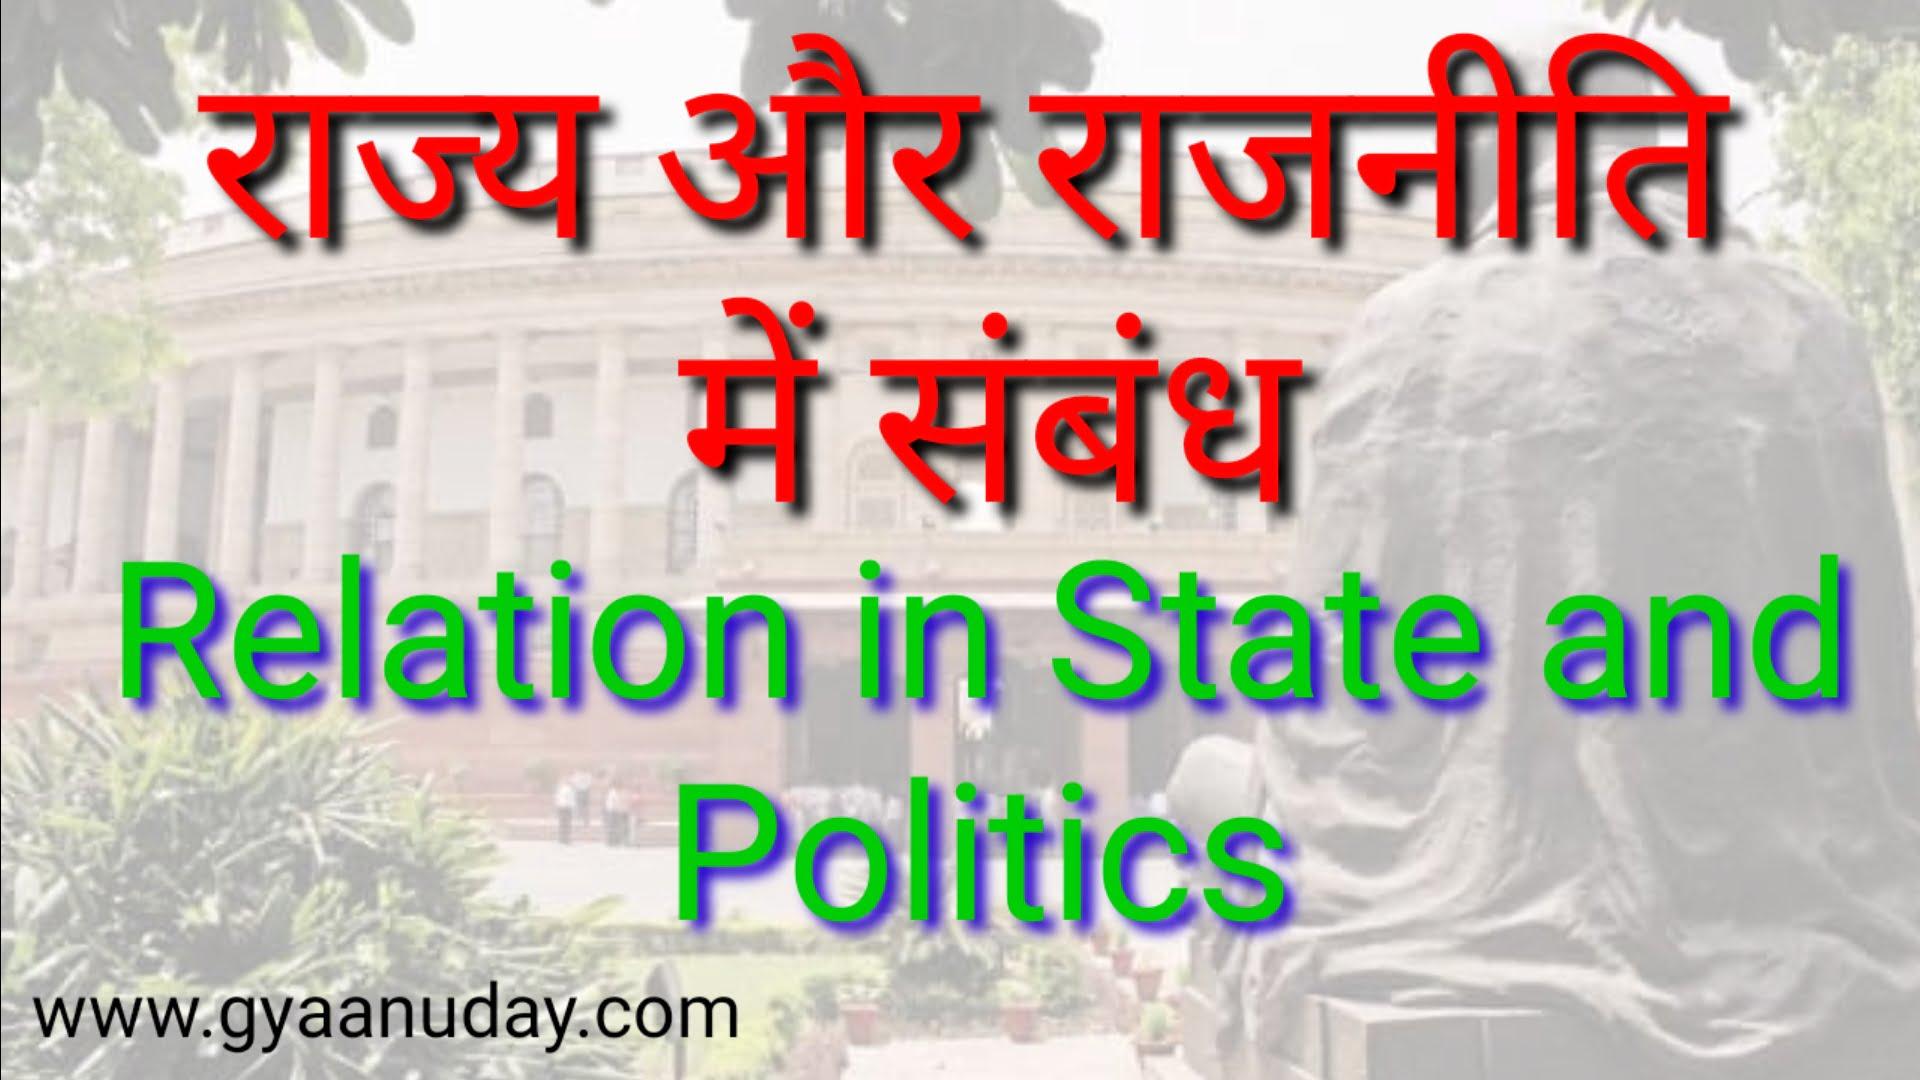 राज्य और राजनीति में संबंध